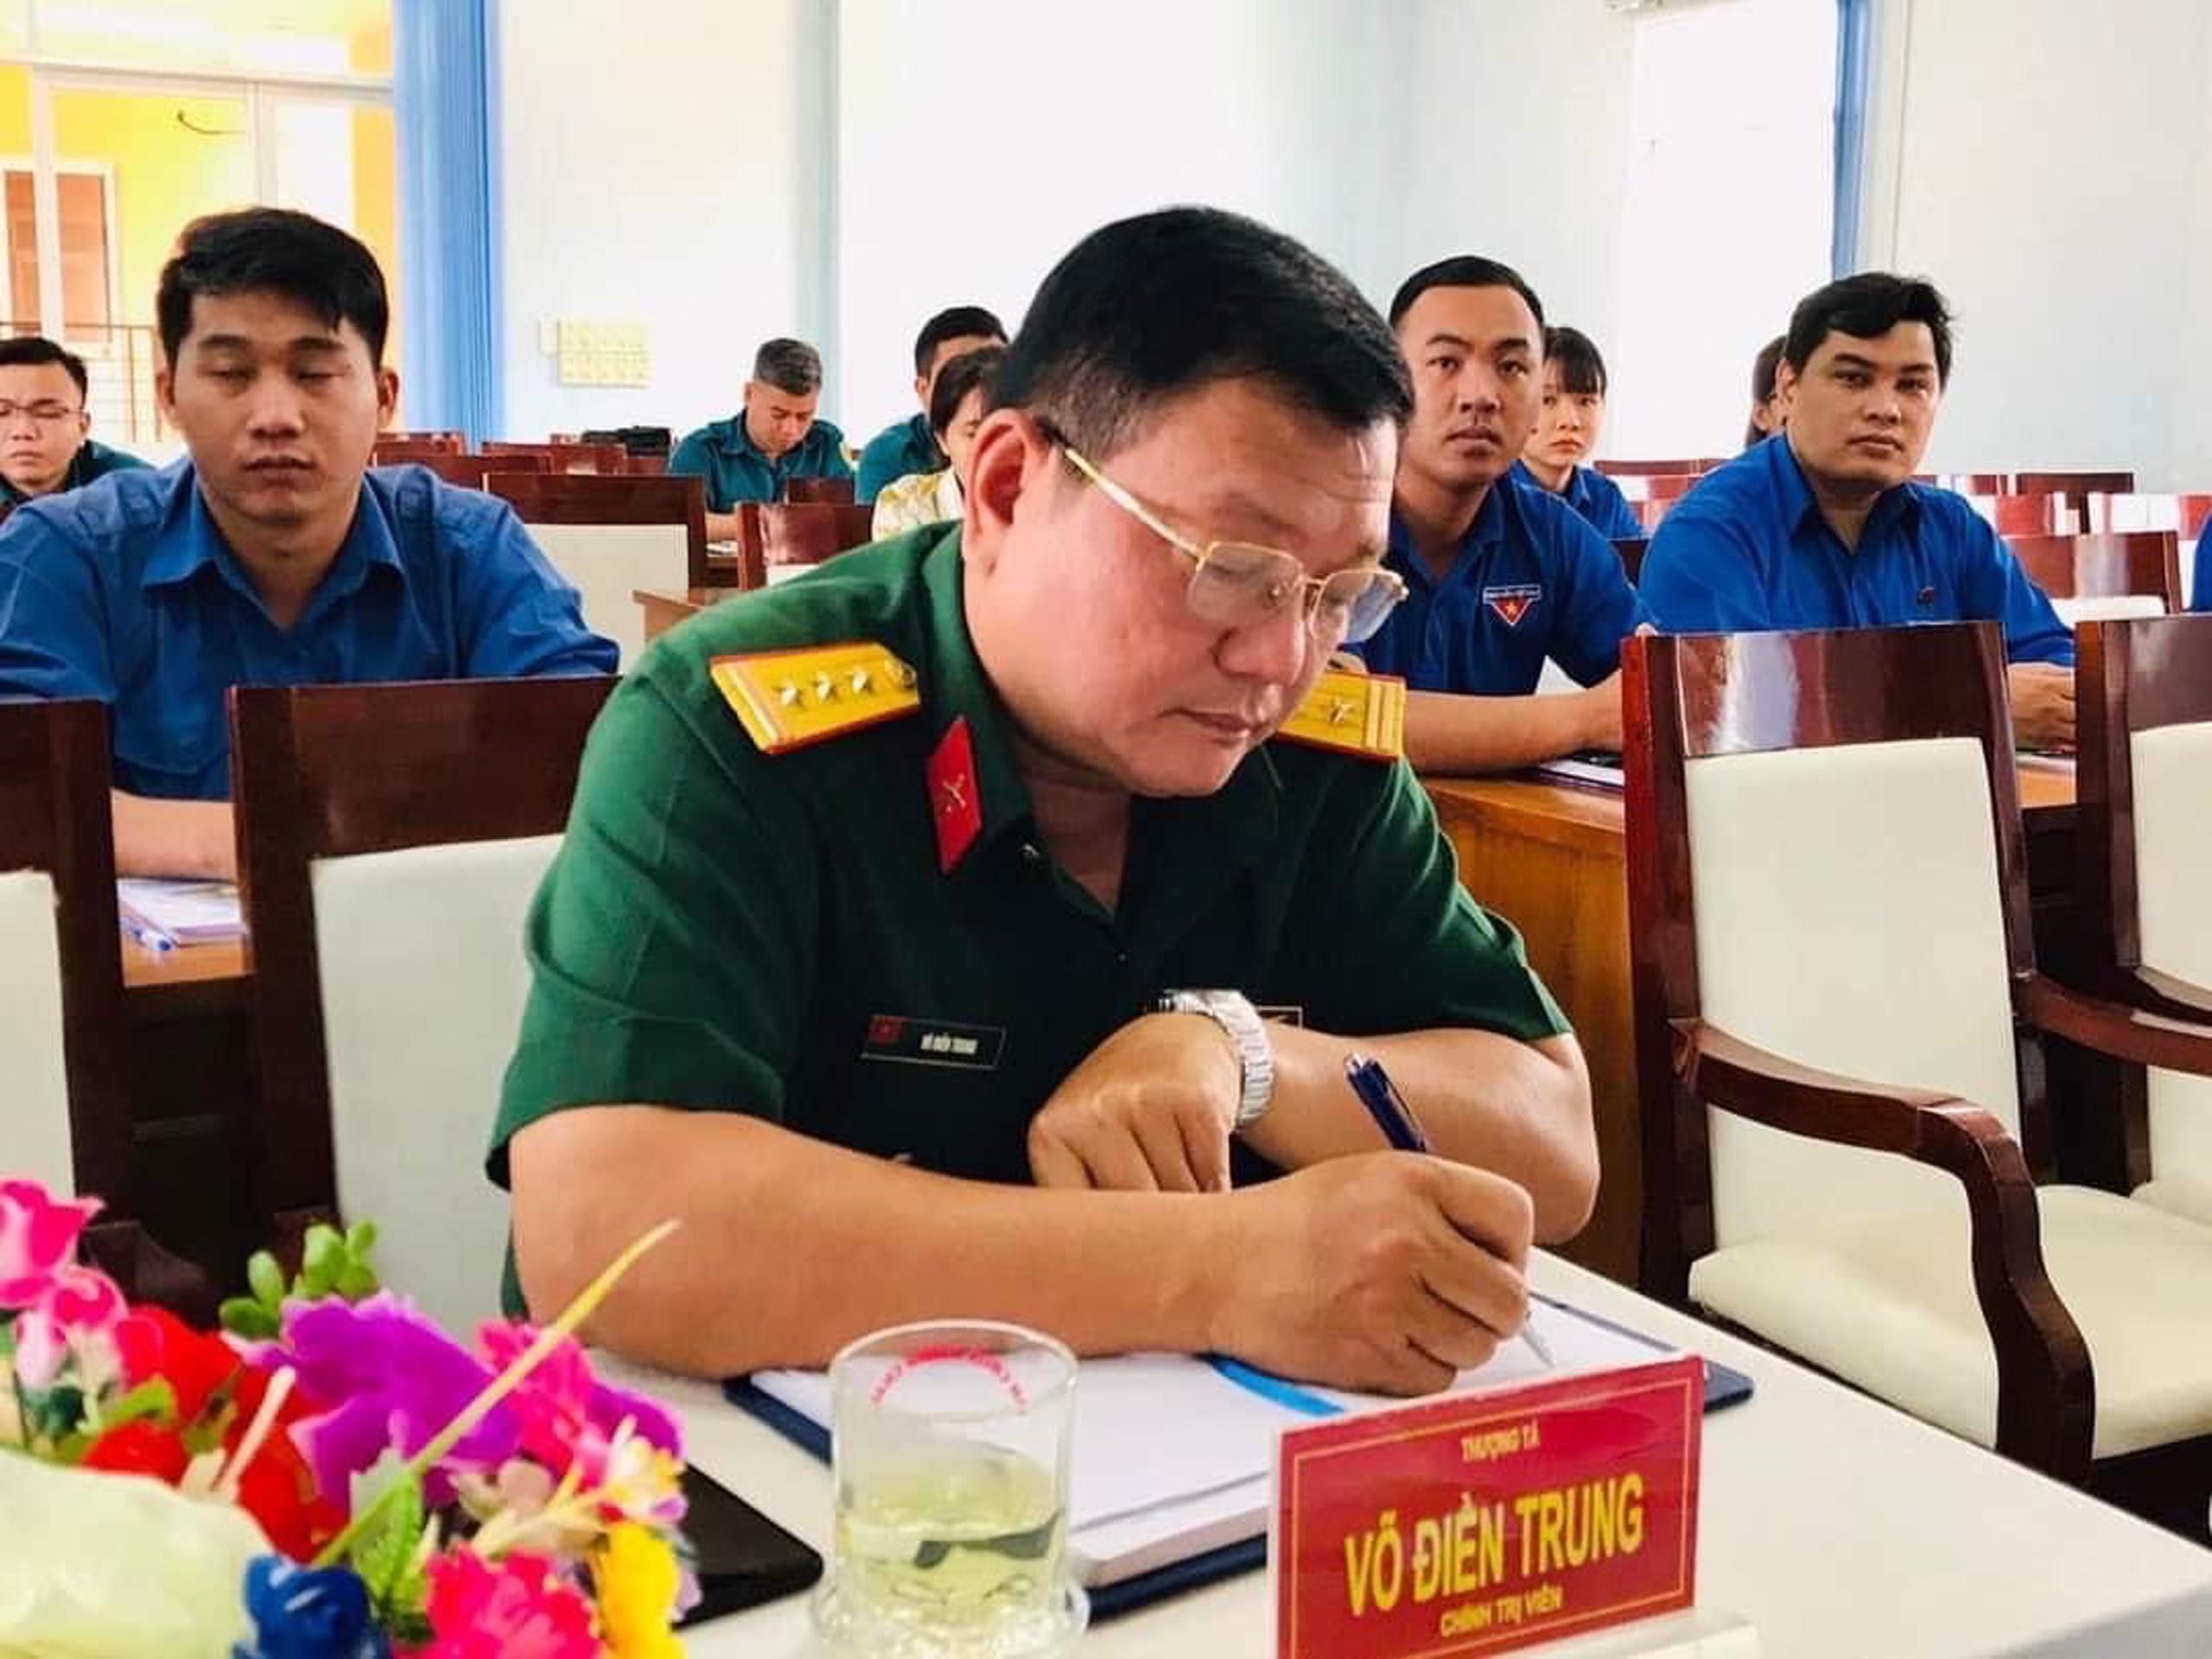 Thượng tá Võ Điền Trung, Chính trị viên Ban CHQS huyện Bình Chánh